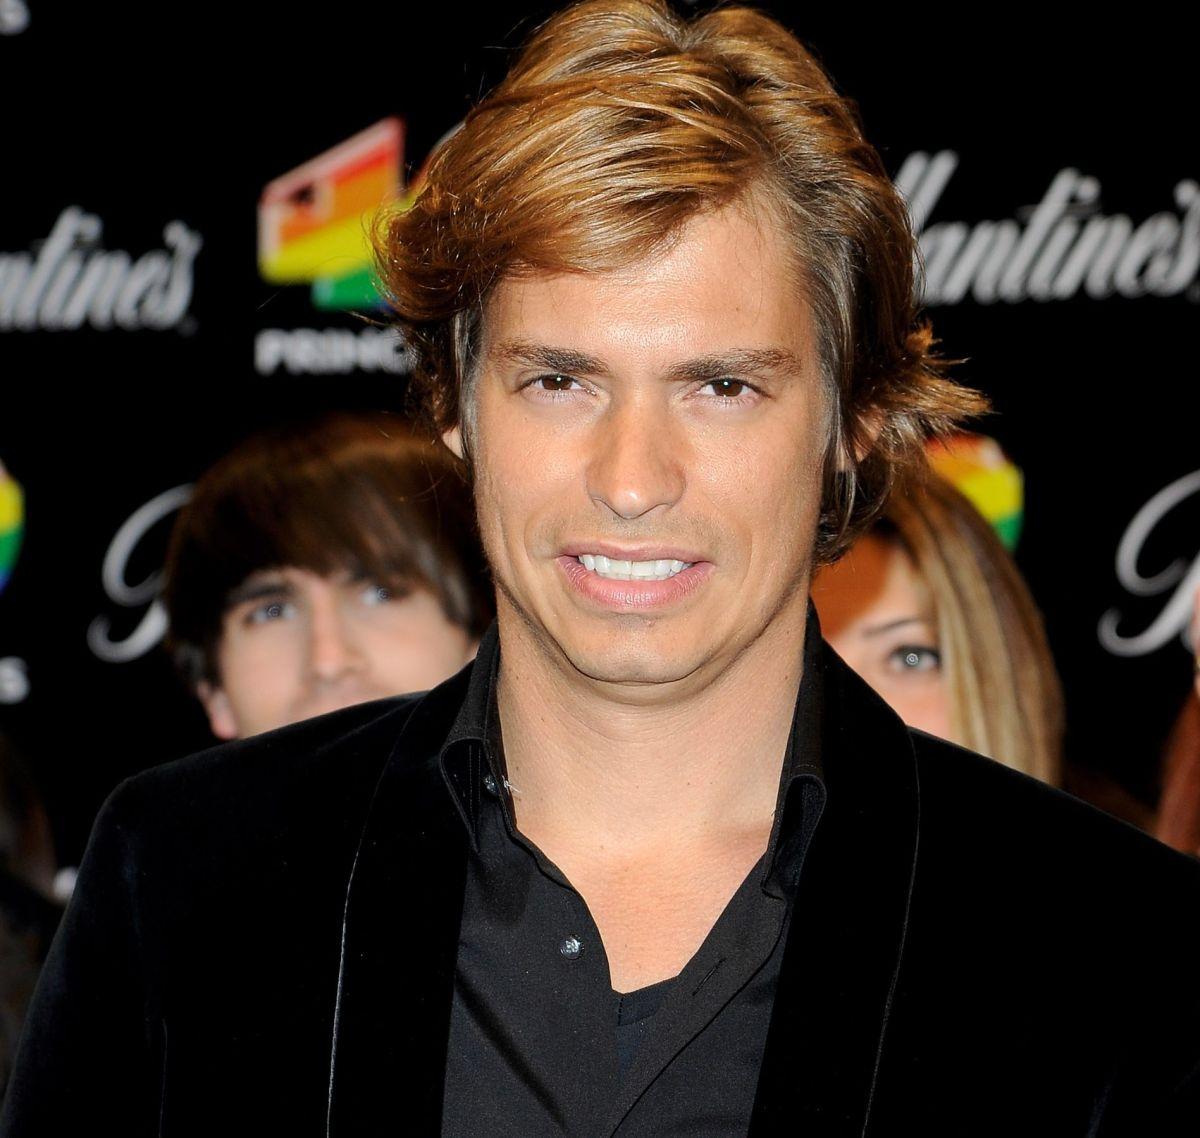 El cantante Carlos Baute y su hijo que tuvo en la adolescencia ya están juntos y limaron sus asperezas